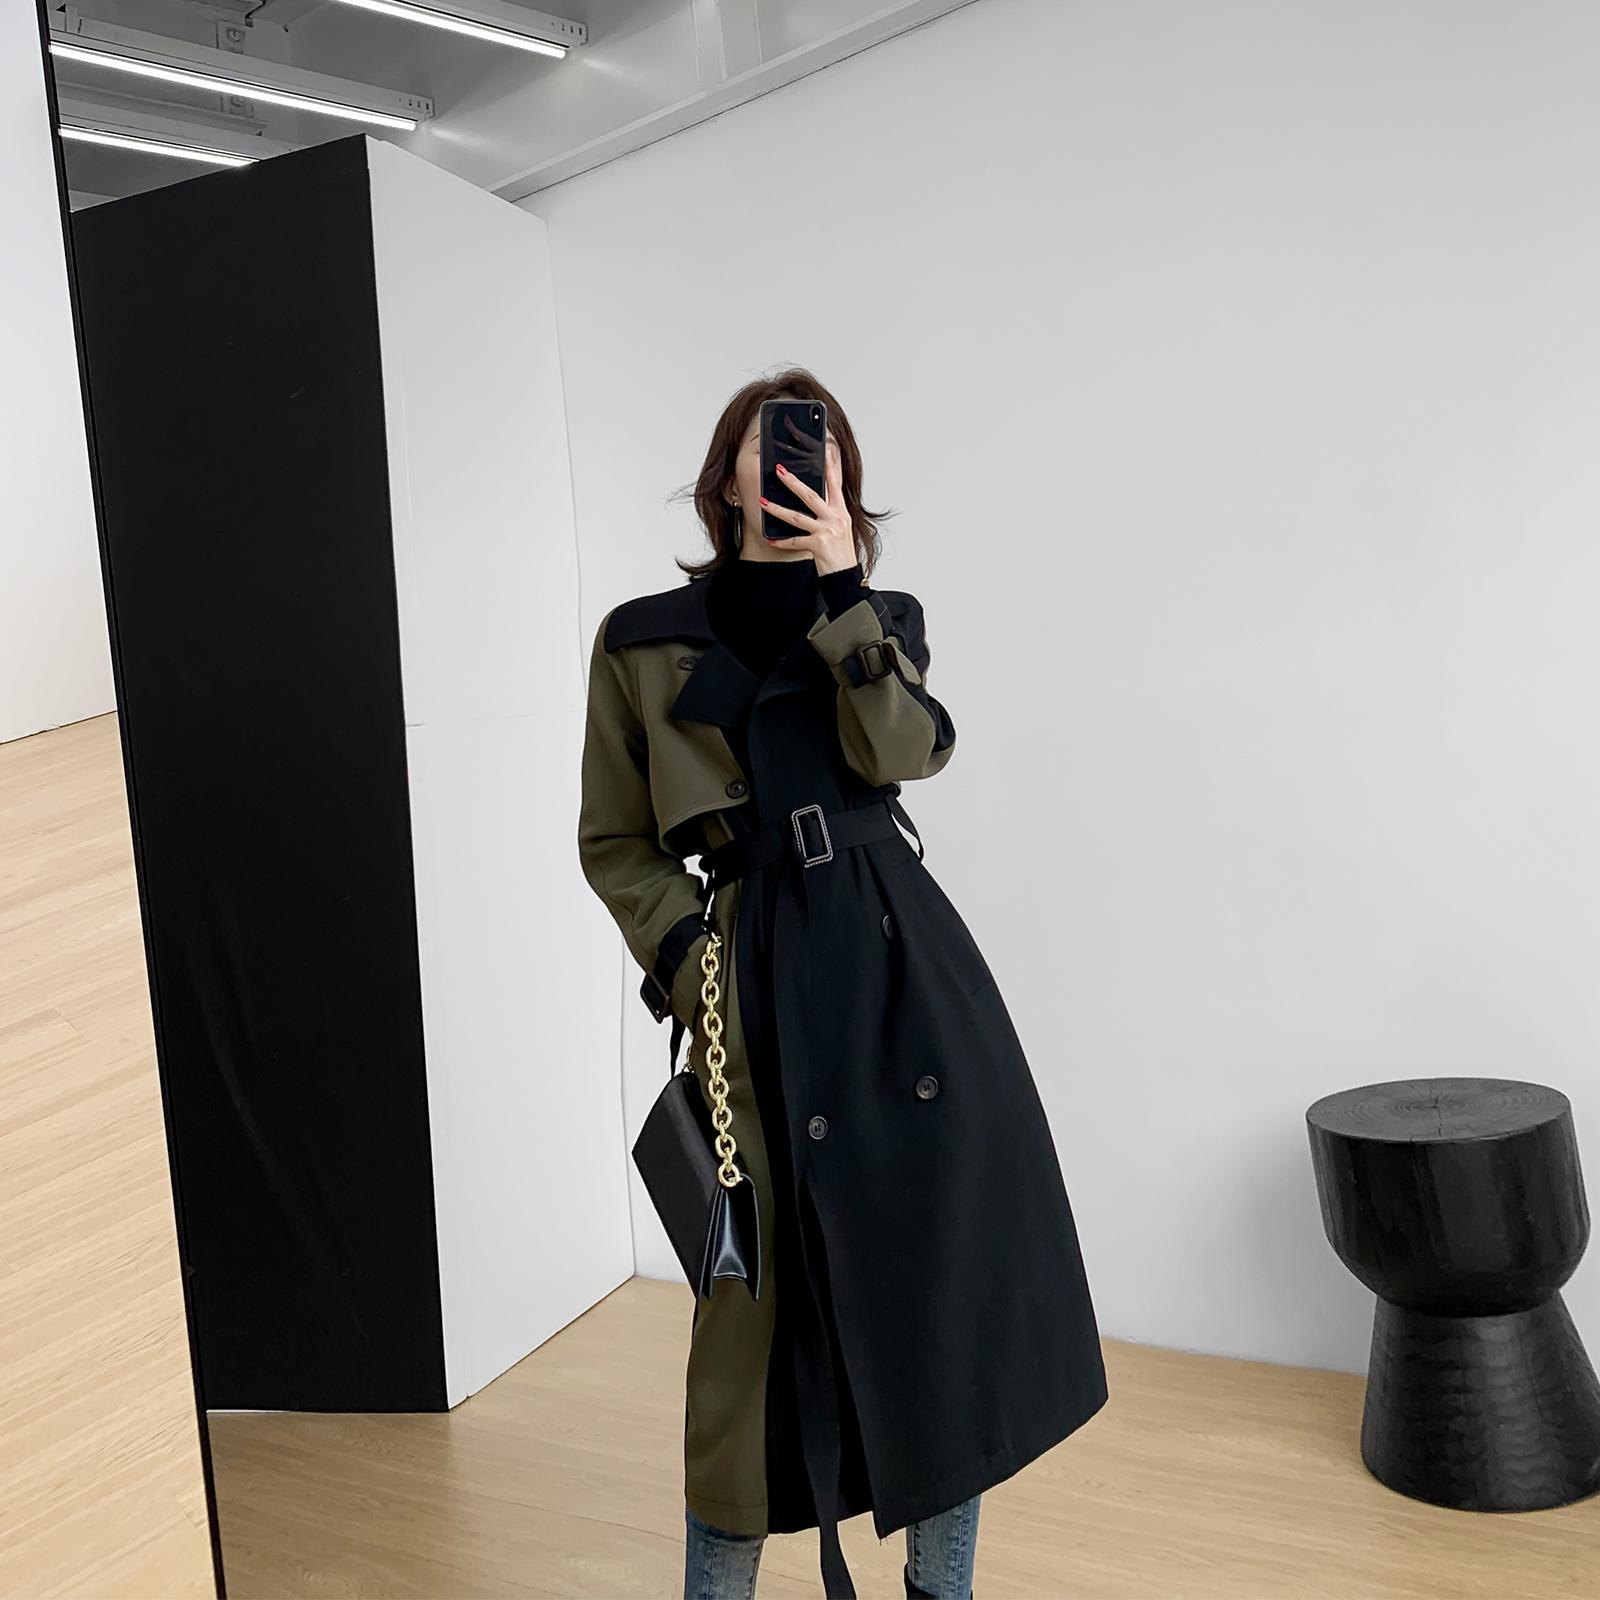 热销1187件包邮果哥定制黑色中长款2019秋装风衣